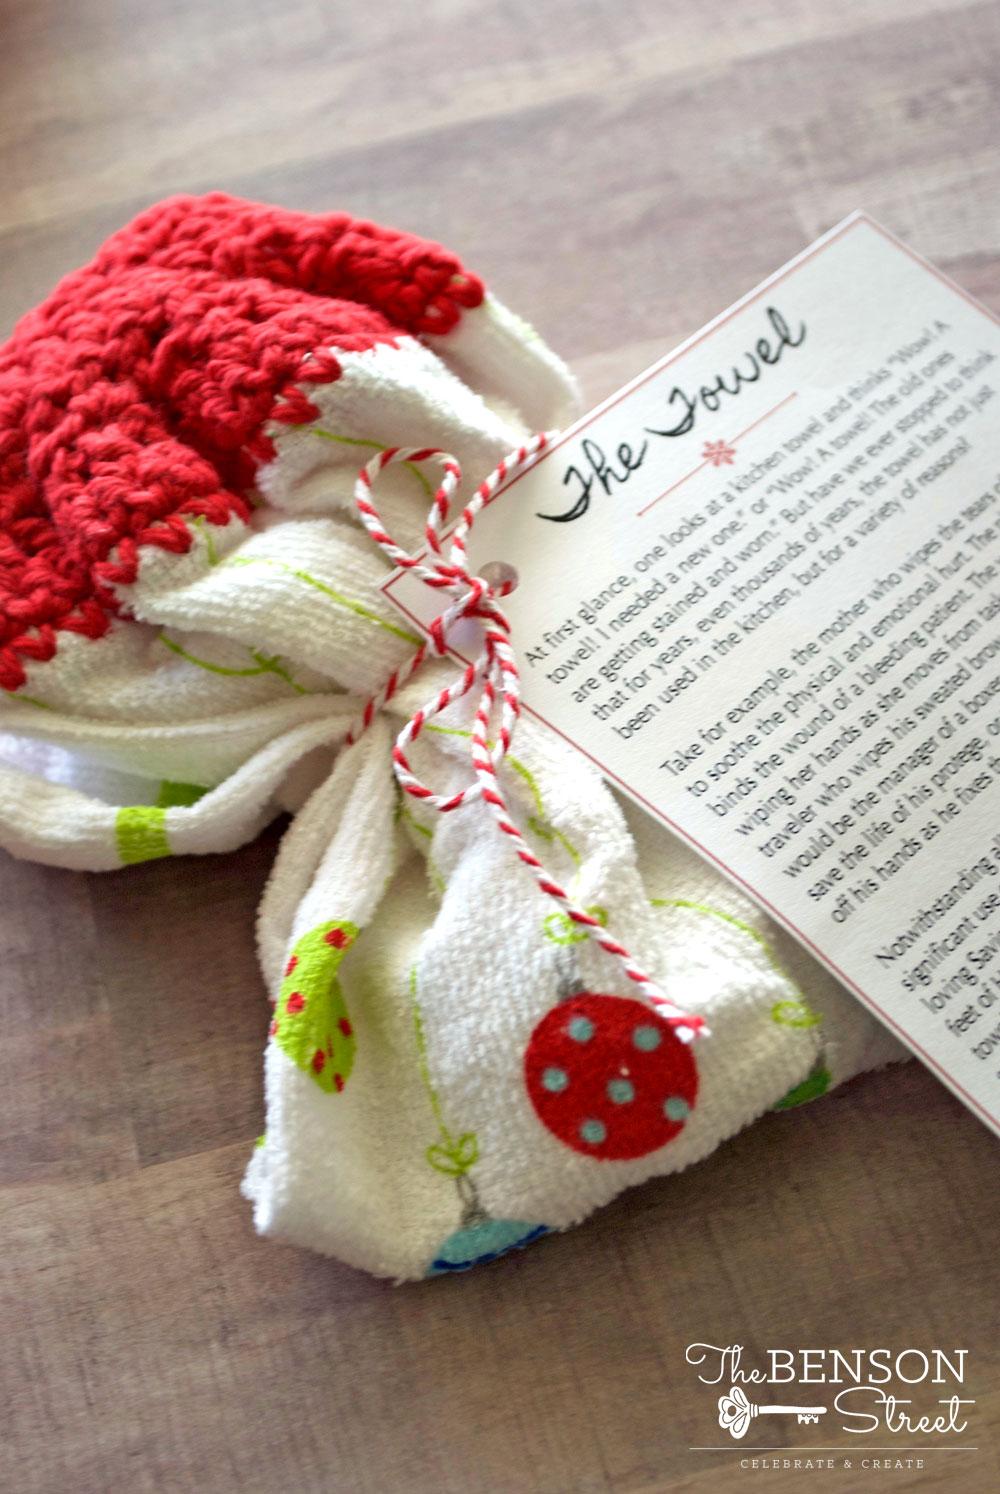 Printable 2020 Christmas Gift Manager Christmas Towel Story   The Benson Street